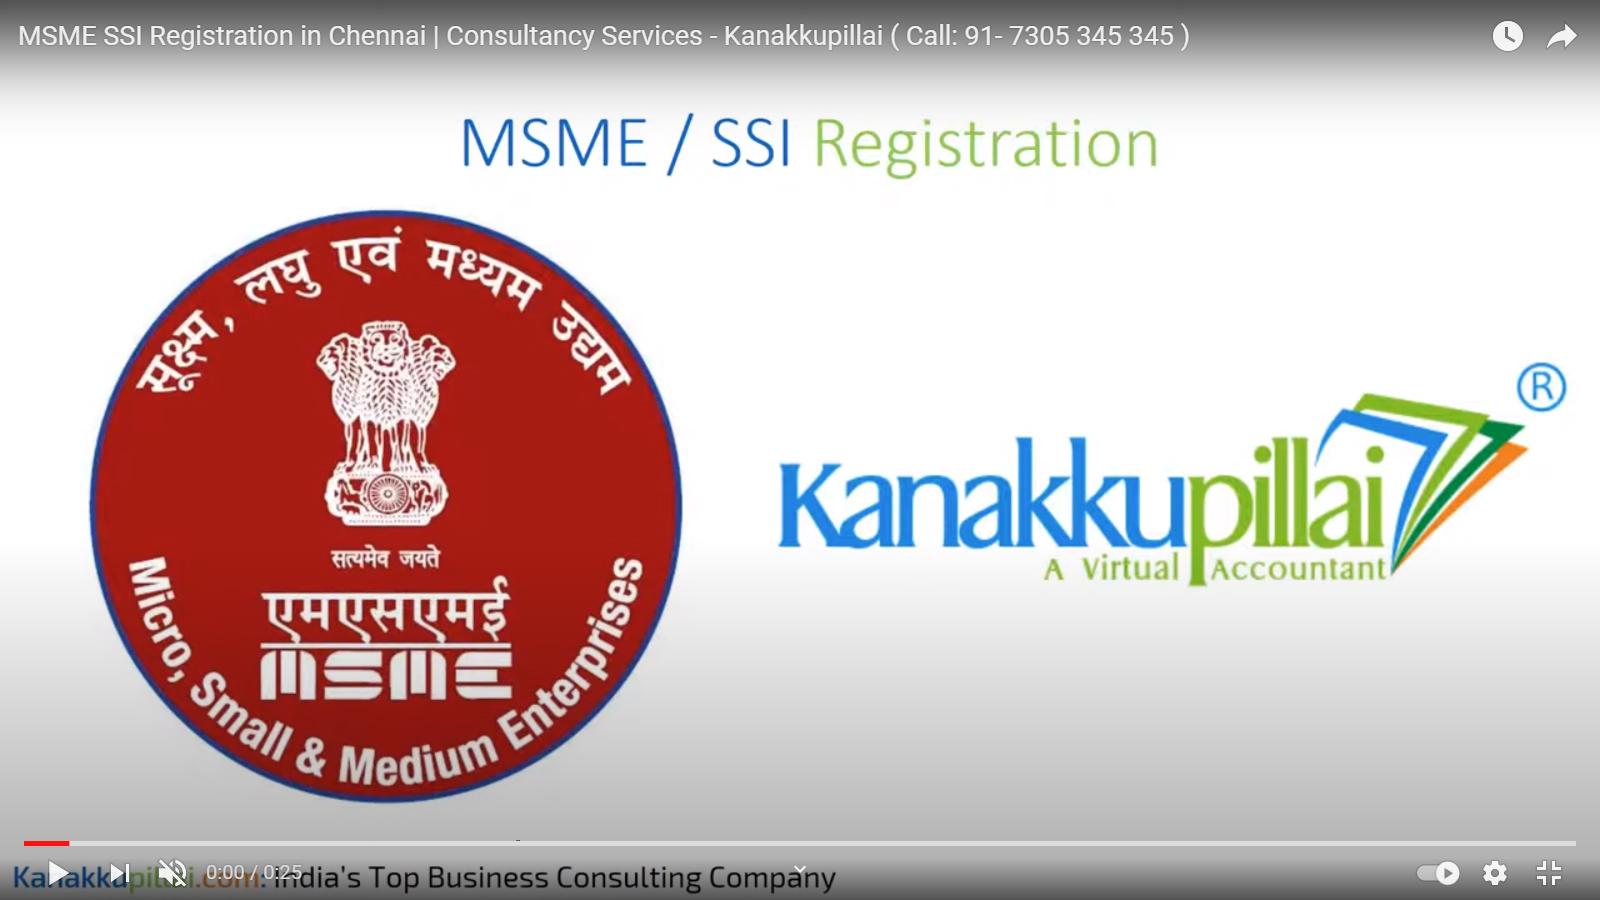 How do I cancel MSME registration